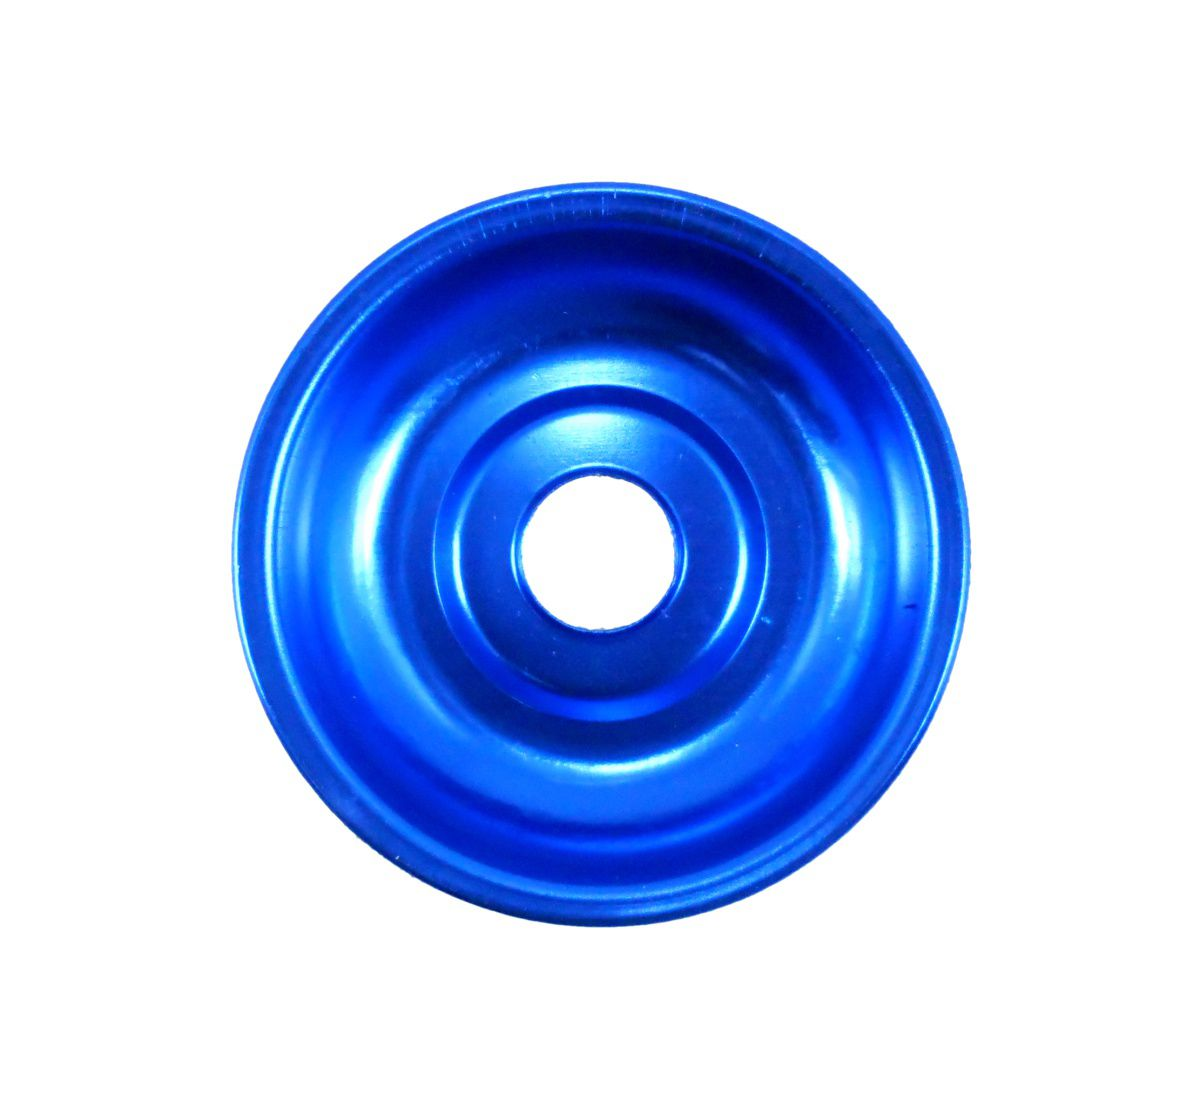 Prato para narguile em alumínio NEW, tamanho pequeno (10,0cm de diâmetro, furo 2,2cm).